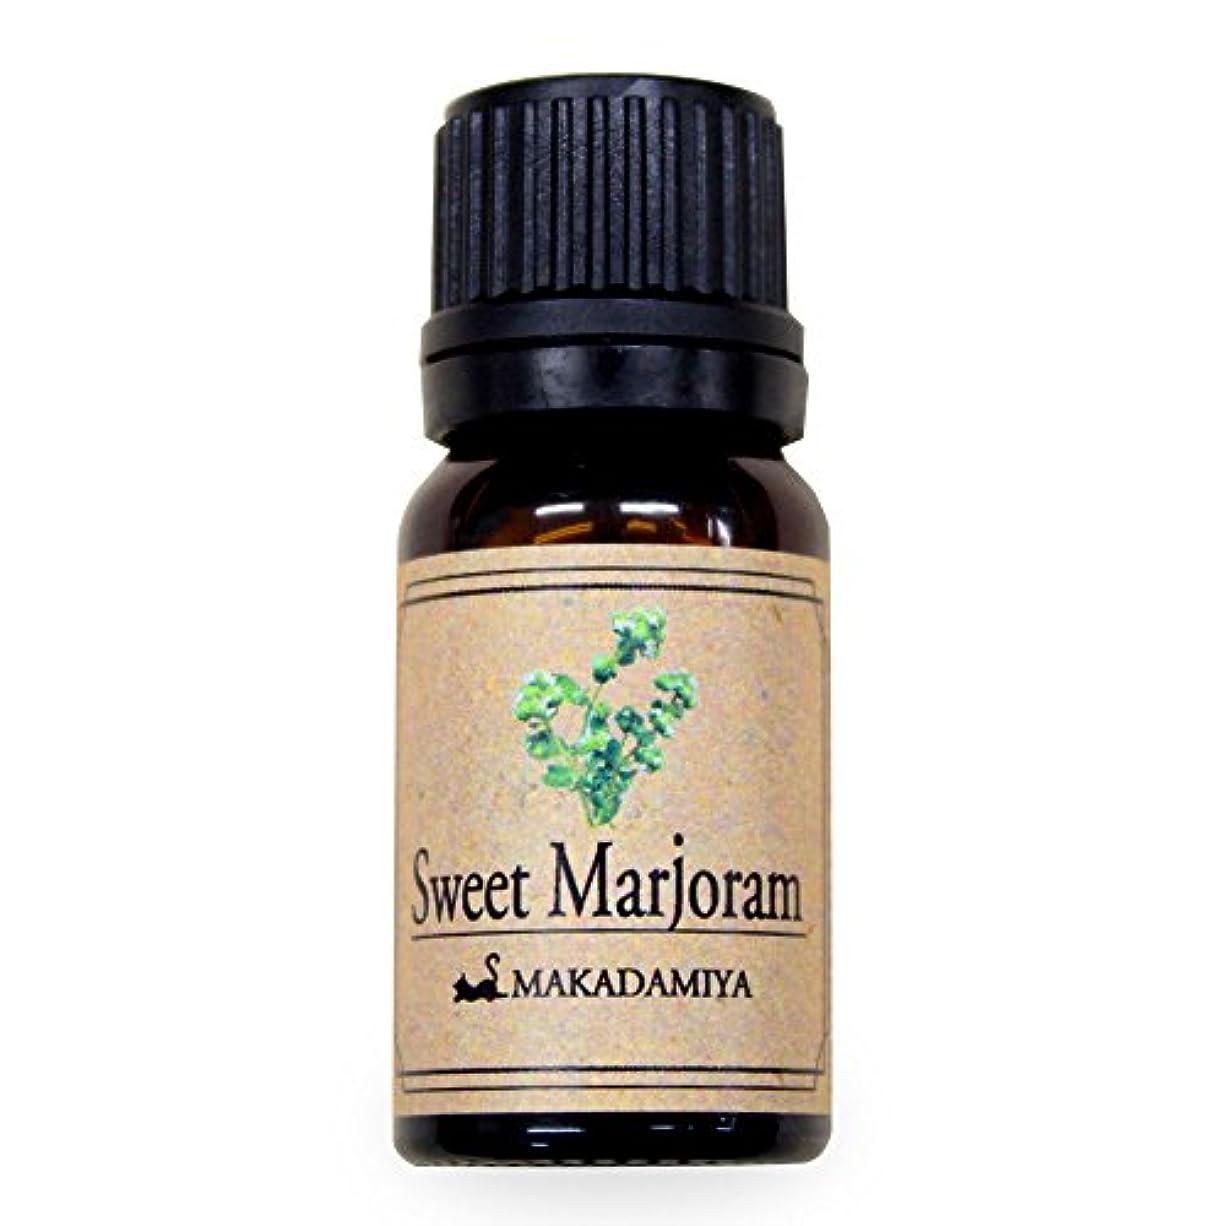 の頭の上引っ張る地上でスイートマージョラム10ml 天然100%植物性 エッセンシャルオイル(精油) アロマオイル アロママッサージ aroma Sweet M.